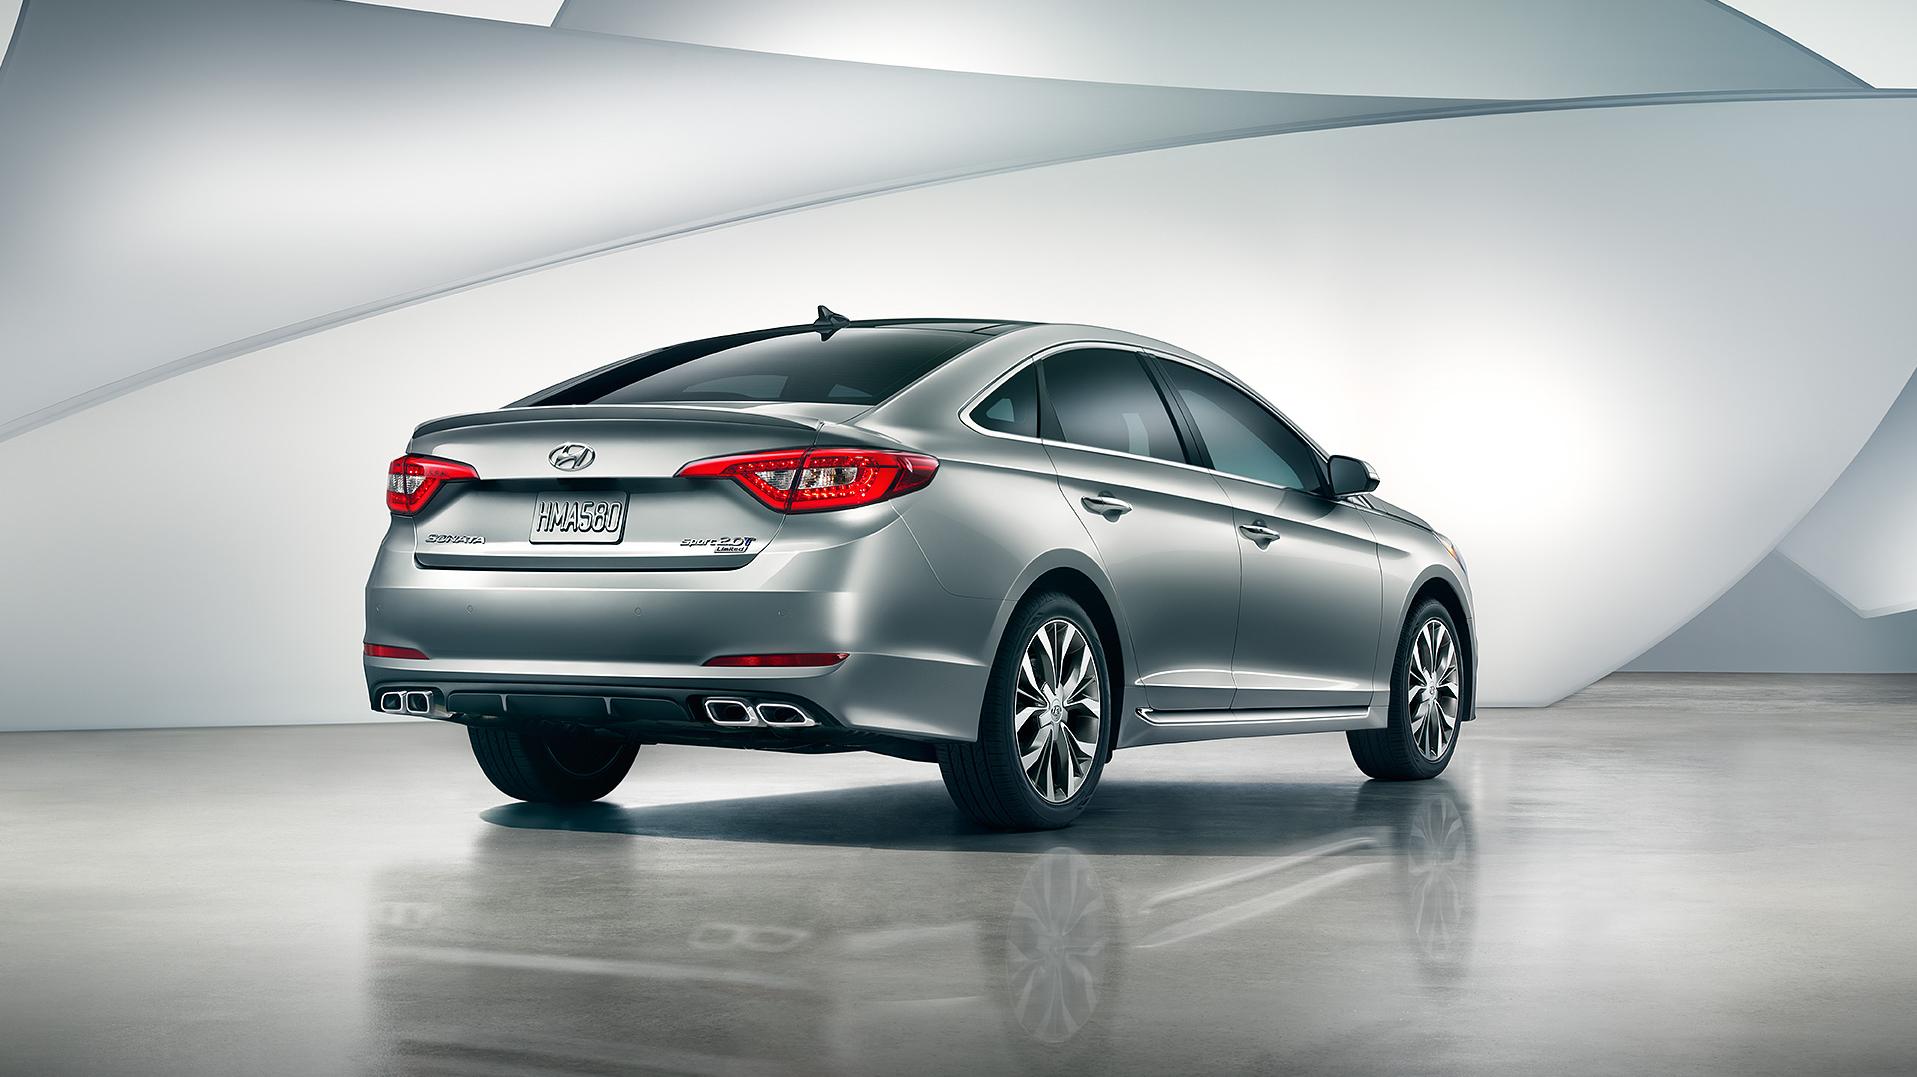 Autofair Ford Hyundai Manchester